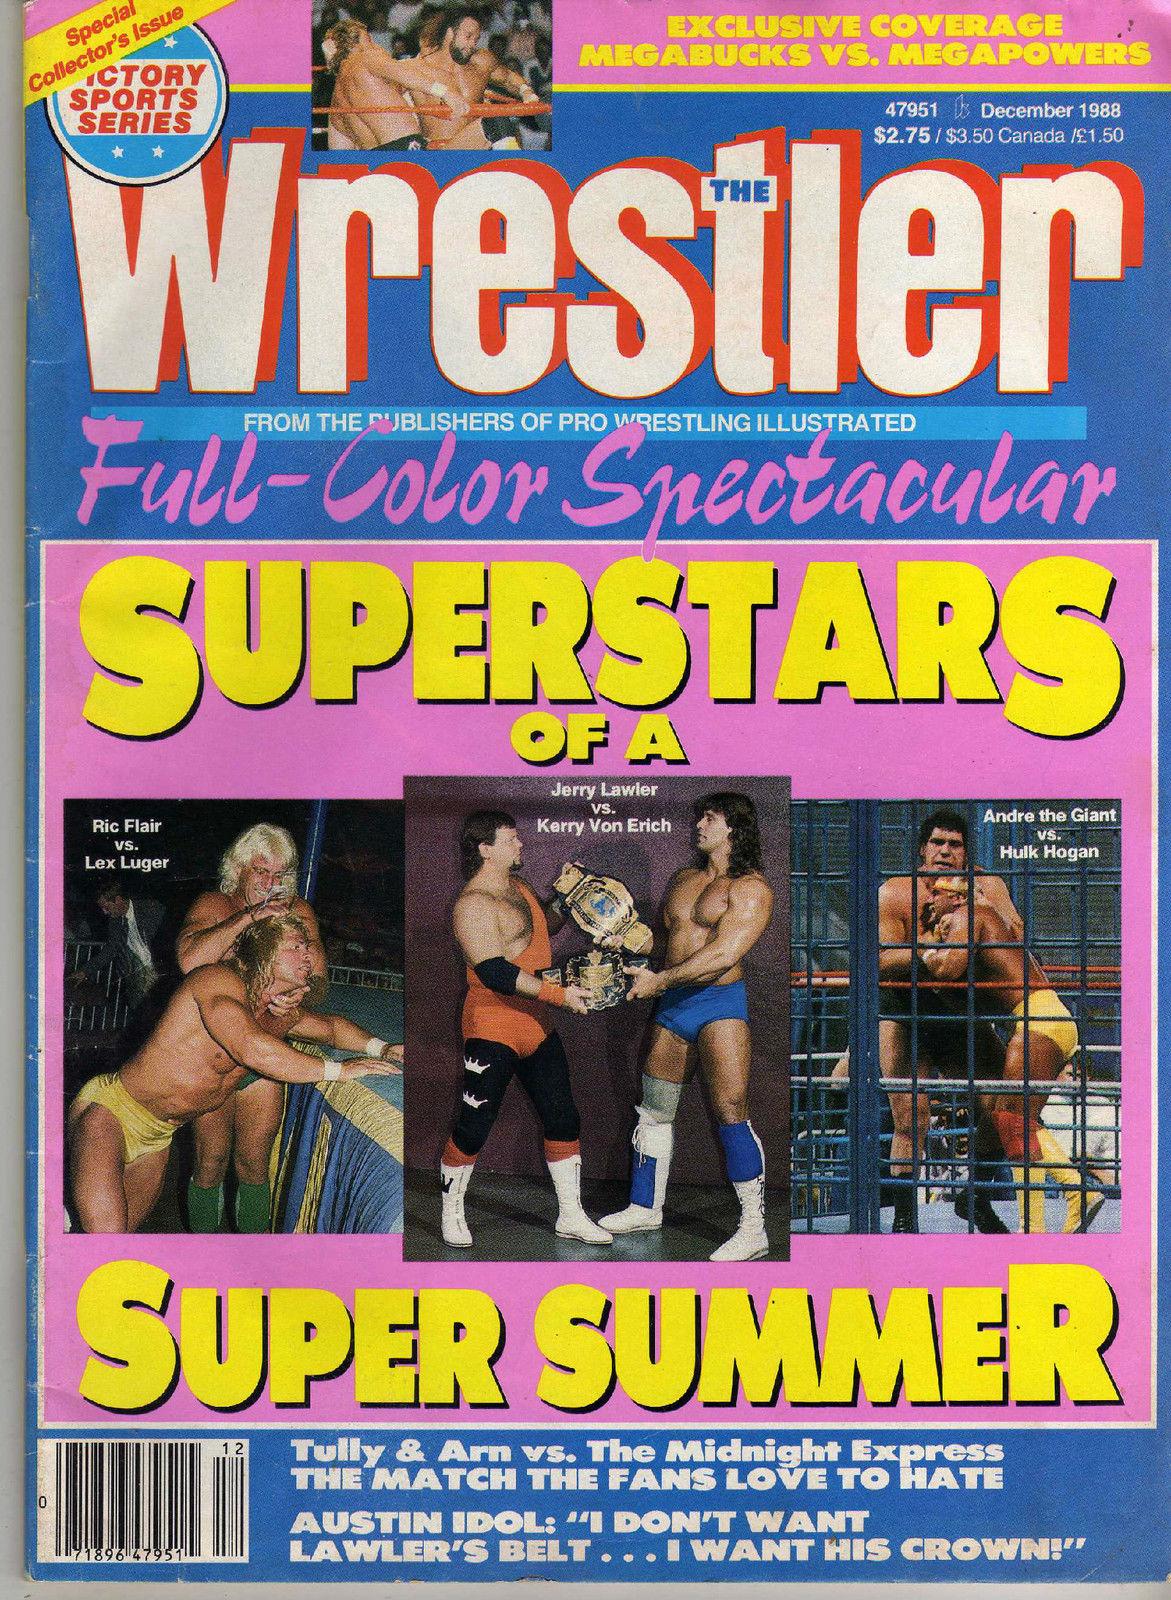 The Wrestler - December 1988